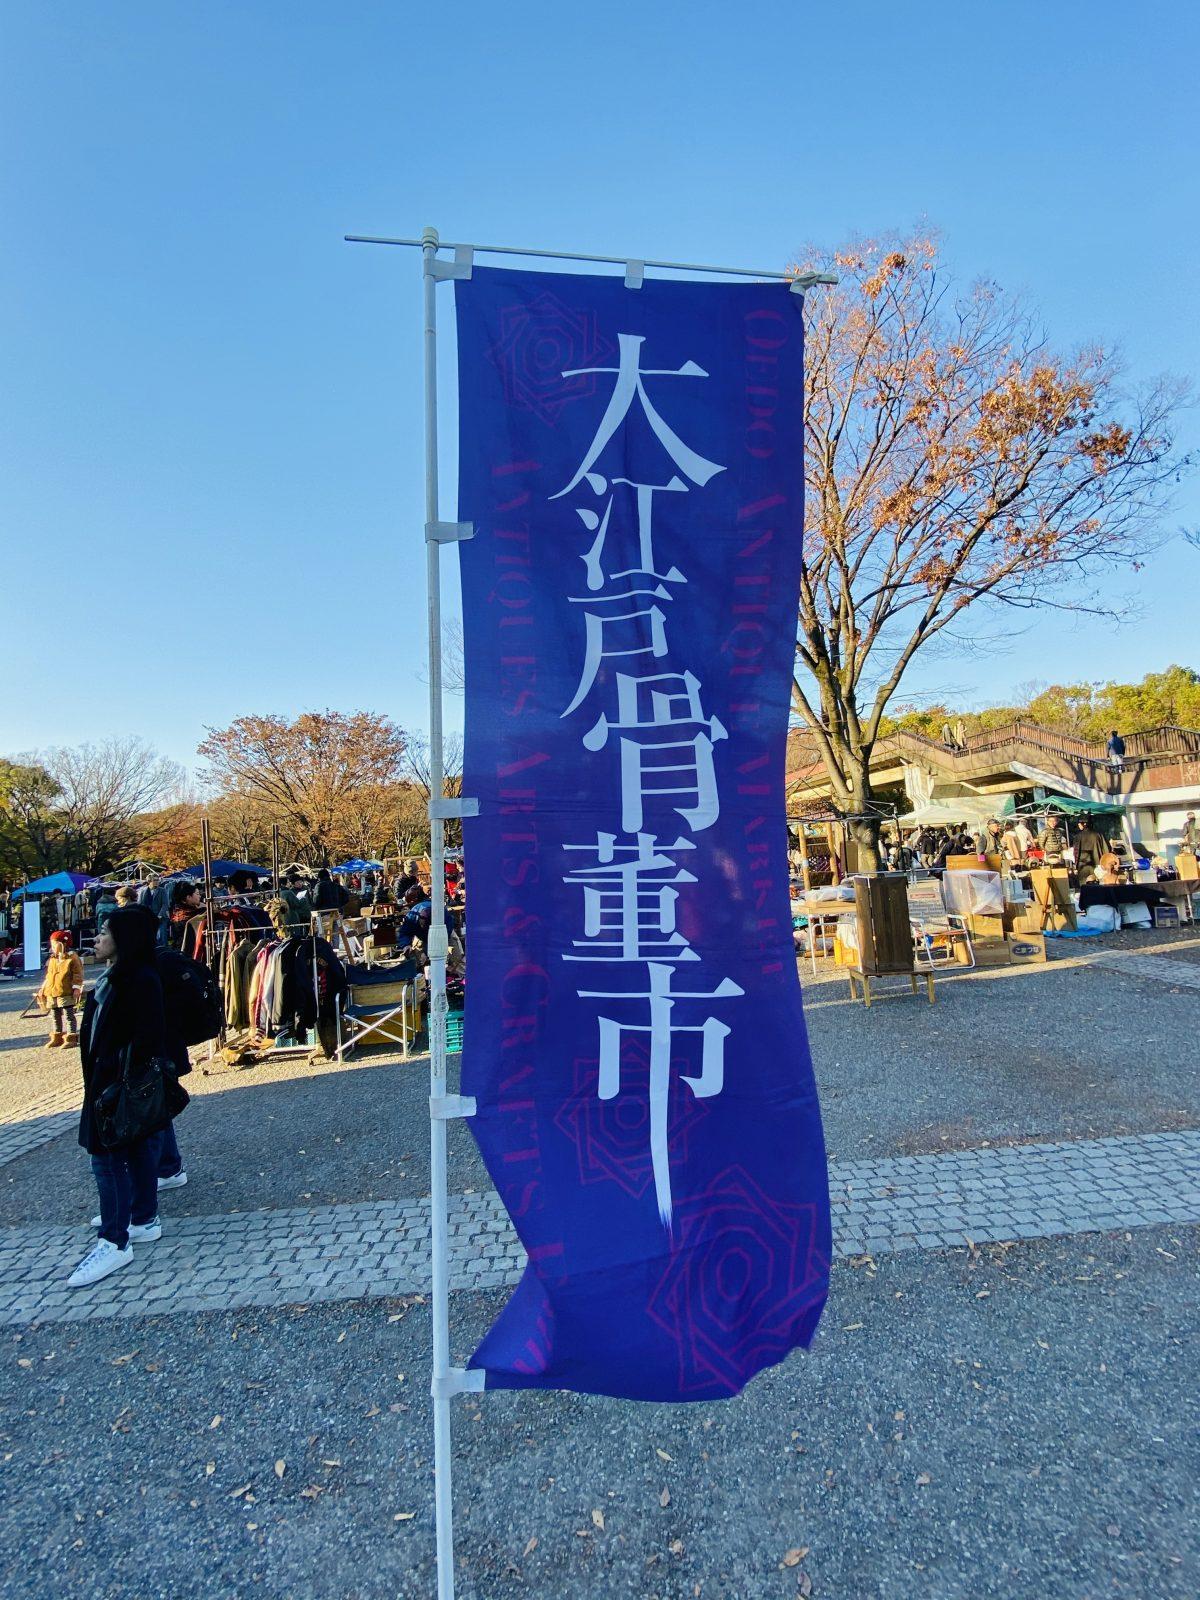 日本最大規模のアウトドア骨董市 大江戸骨董市 in 代々木公園